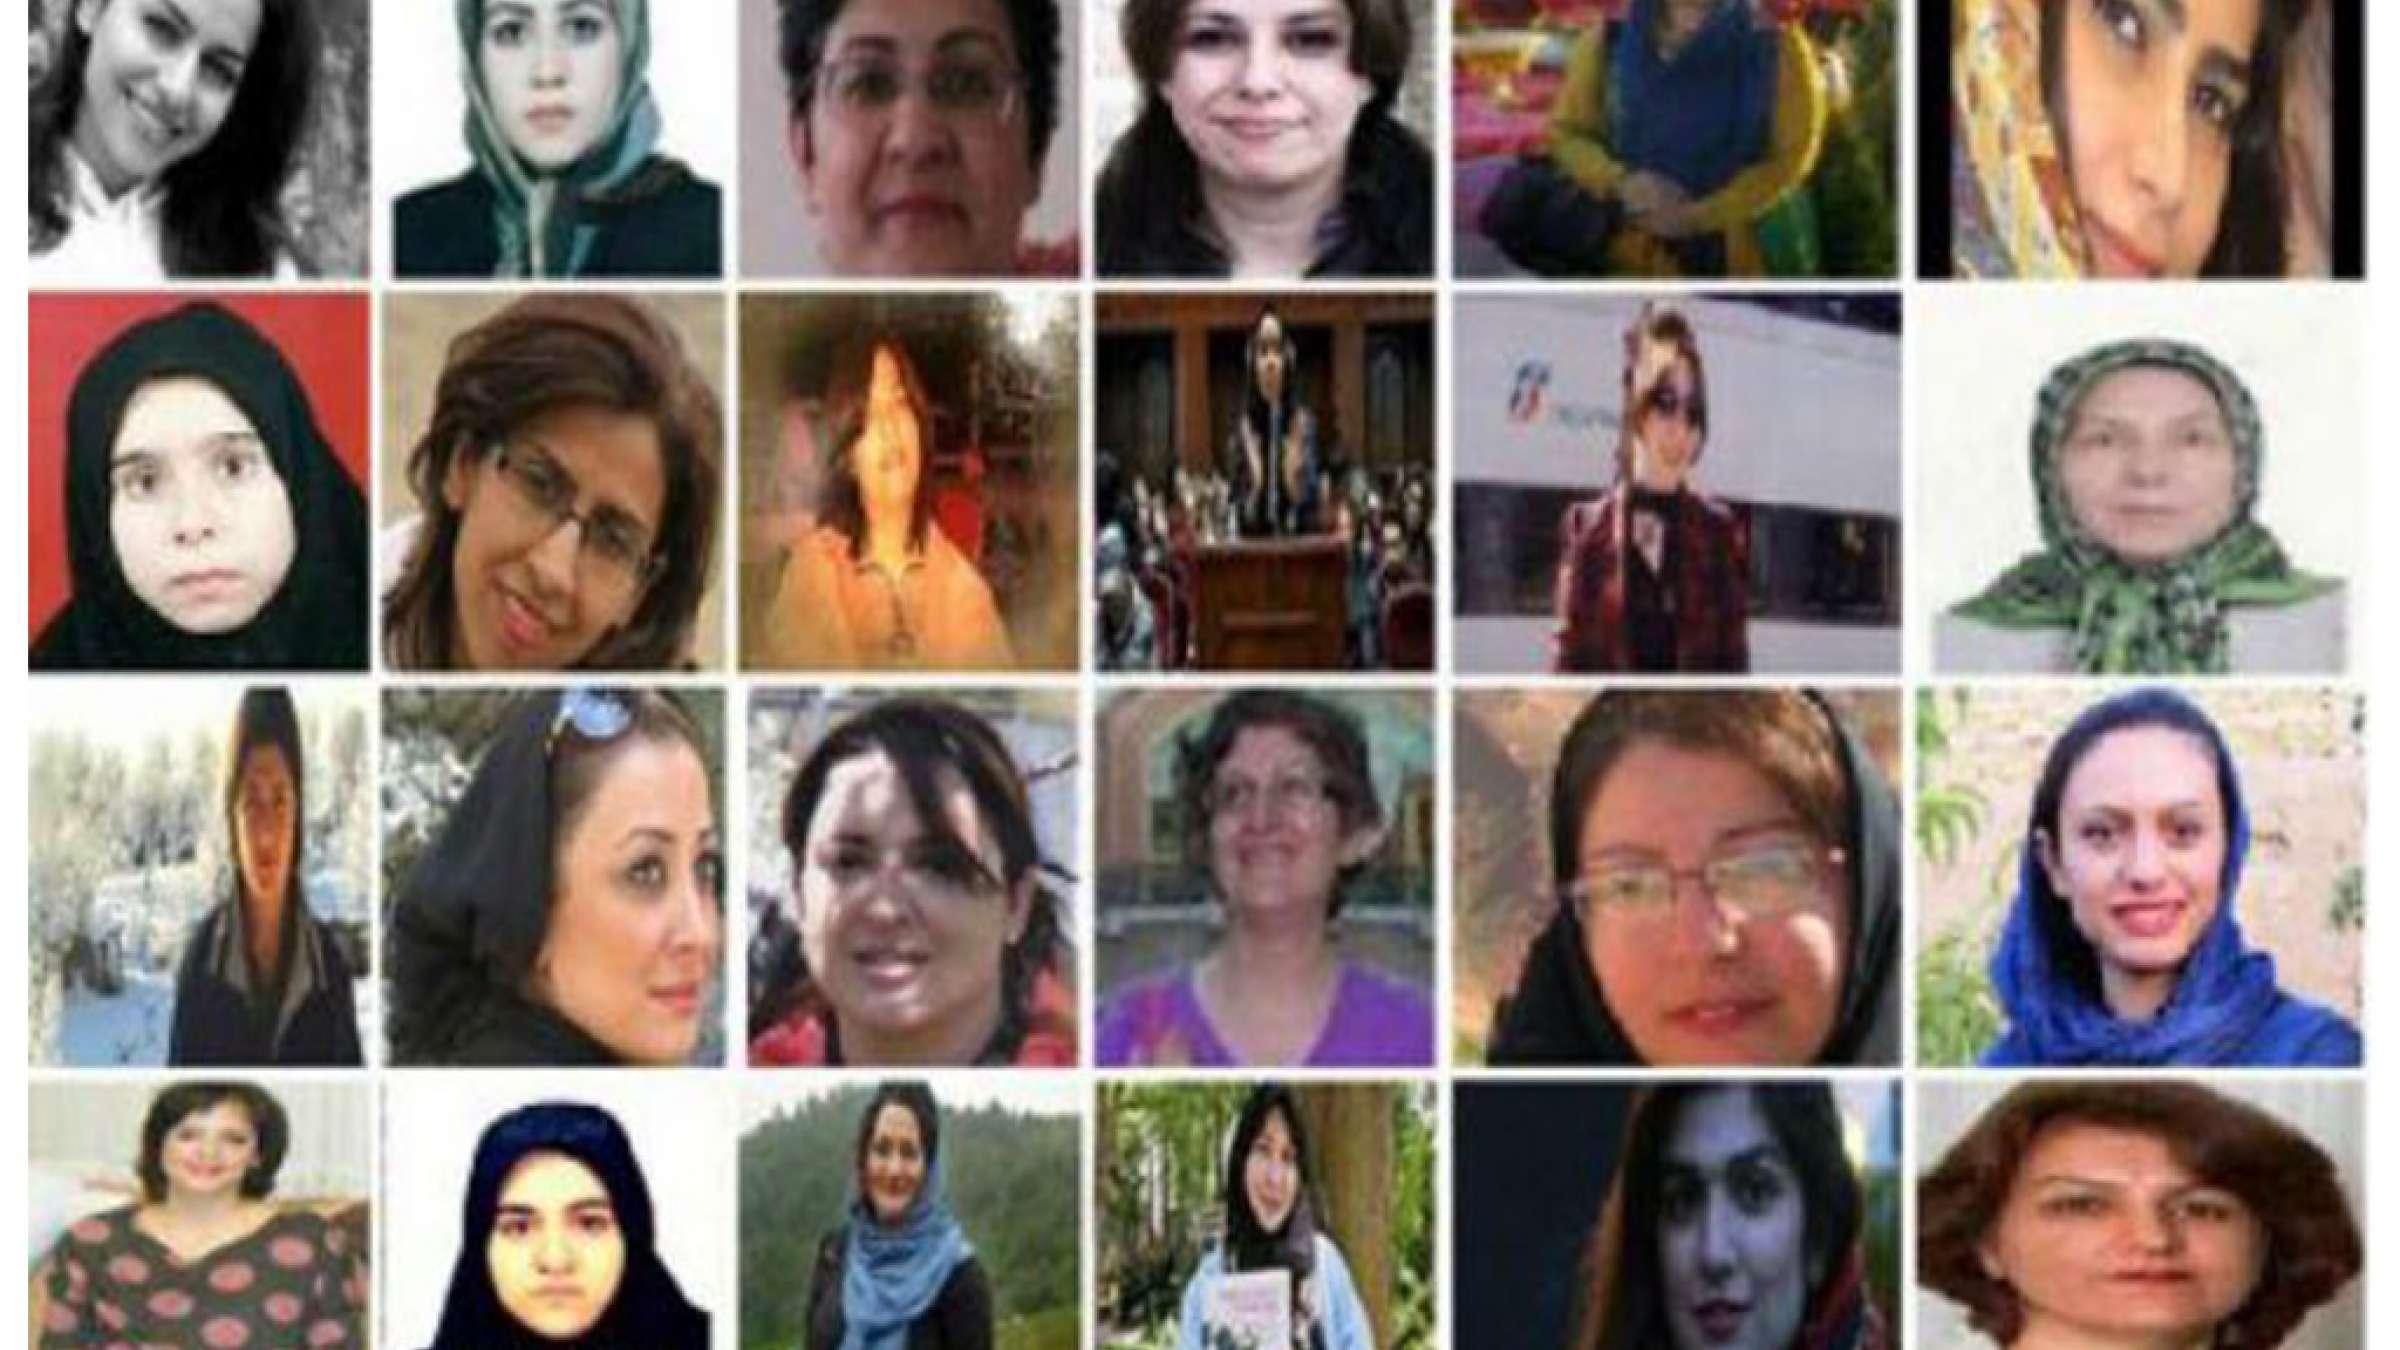 عمومی-رستمیجم-ایران-با-هزاران-سال-تاریخ-روز-خوش-آزادی-قلم-و-بیان-بخود-ندیده